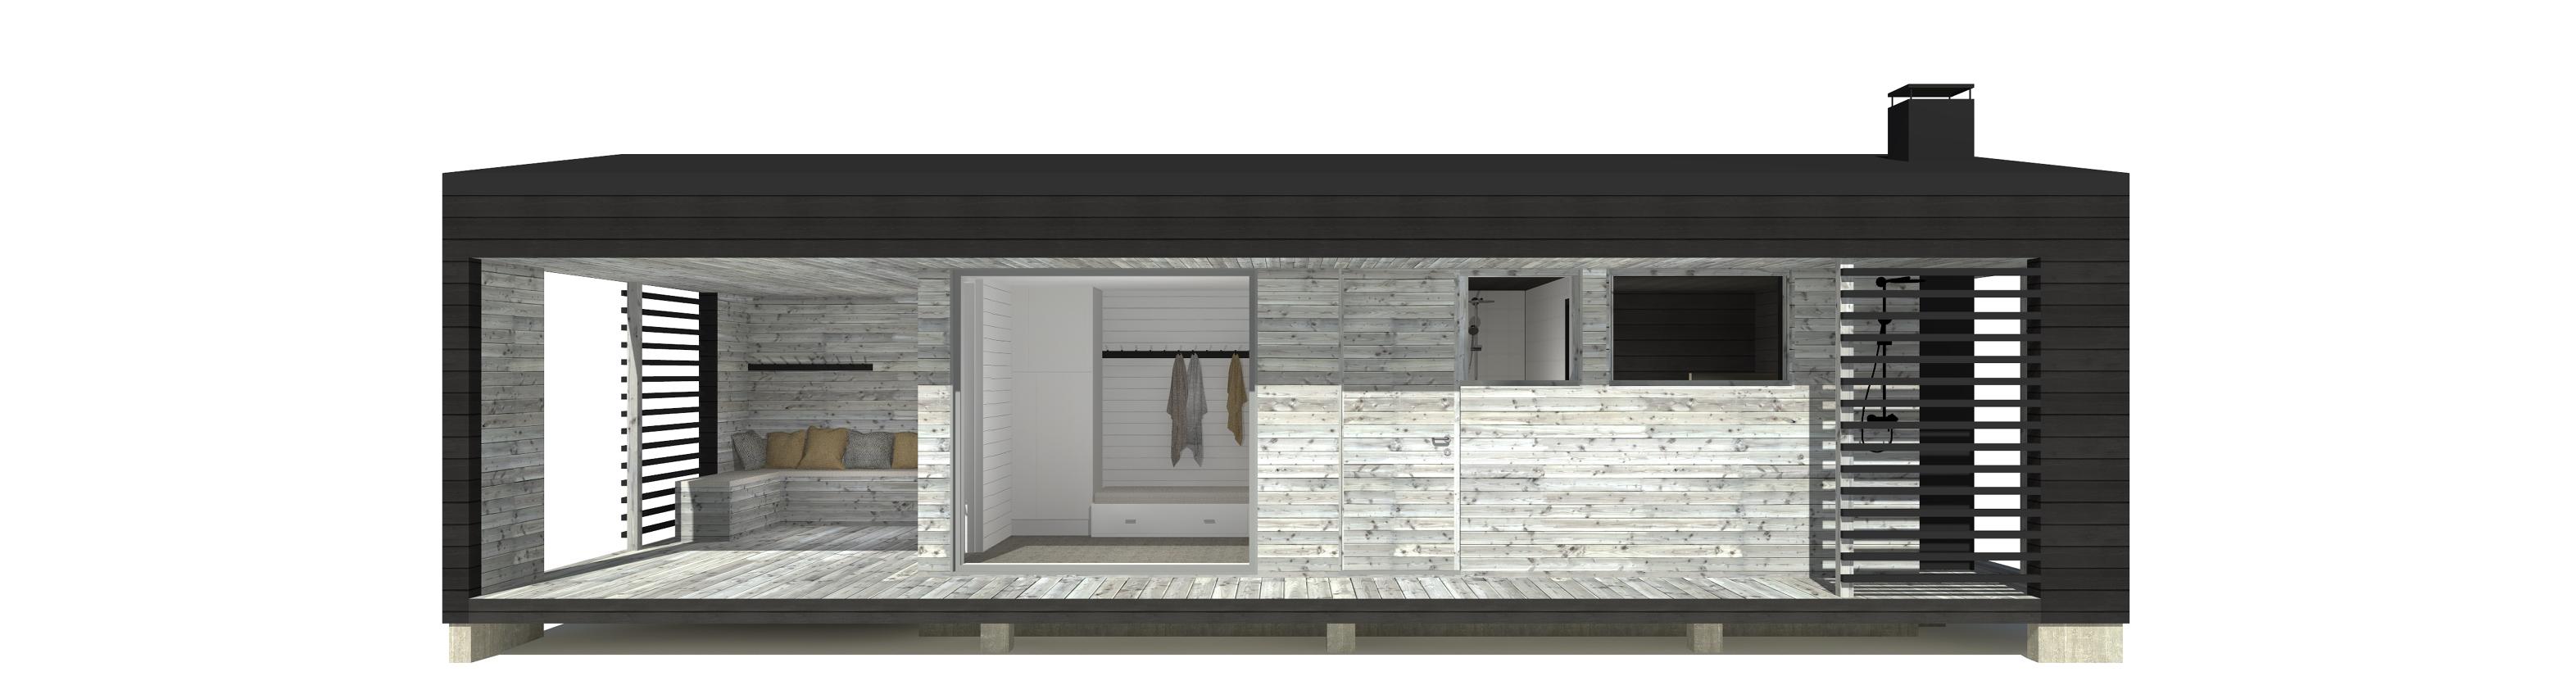 Sauna G